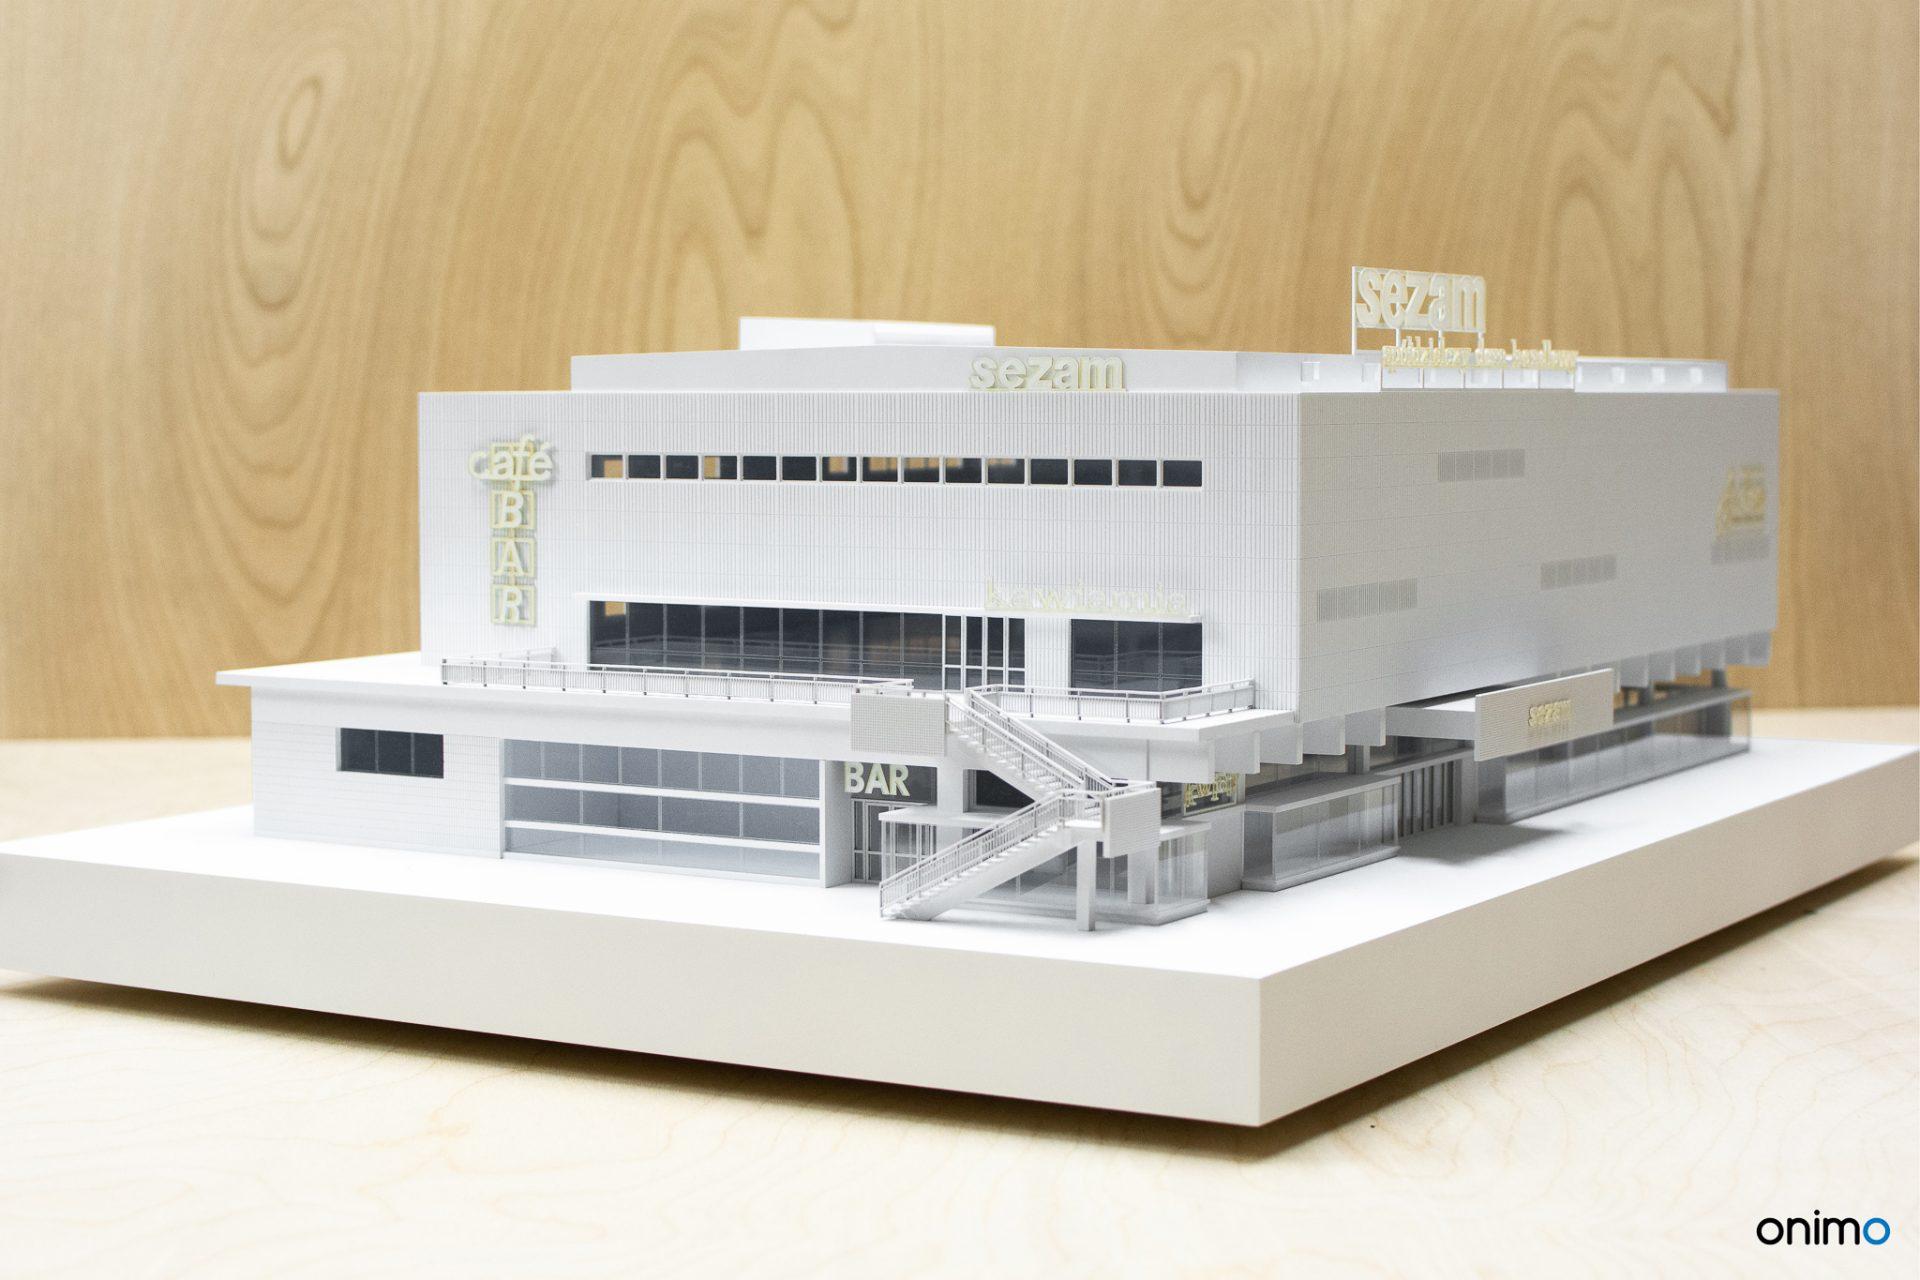 SEZAM   ŚCIANA WSCHODNIA   Onimo Makiety Architektoniczne   Modele Budynków